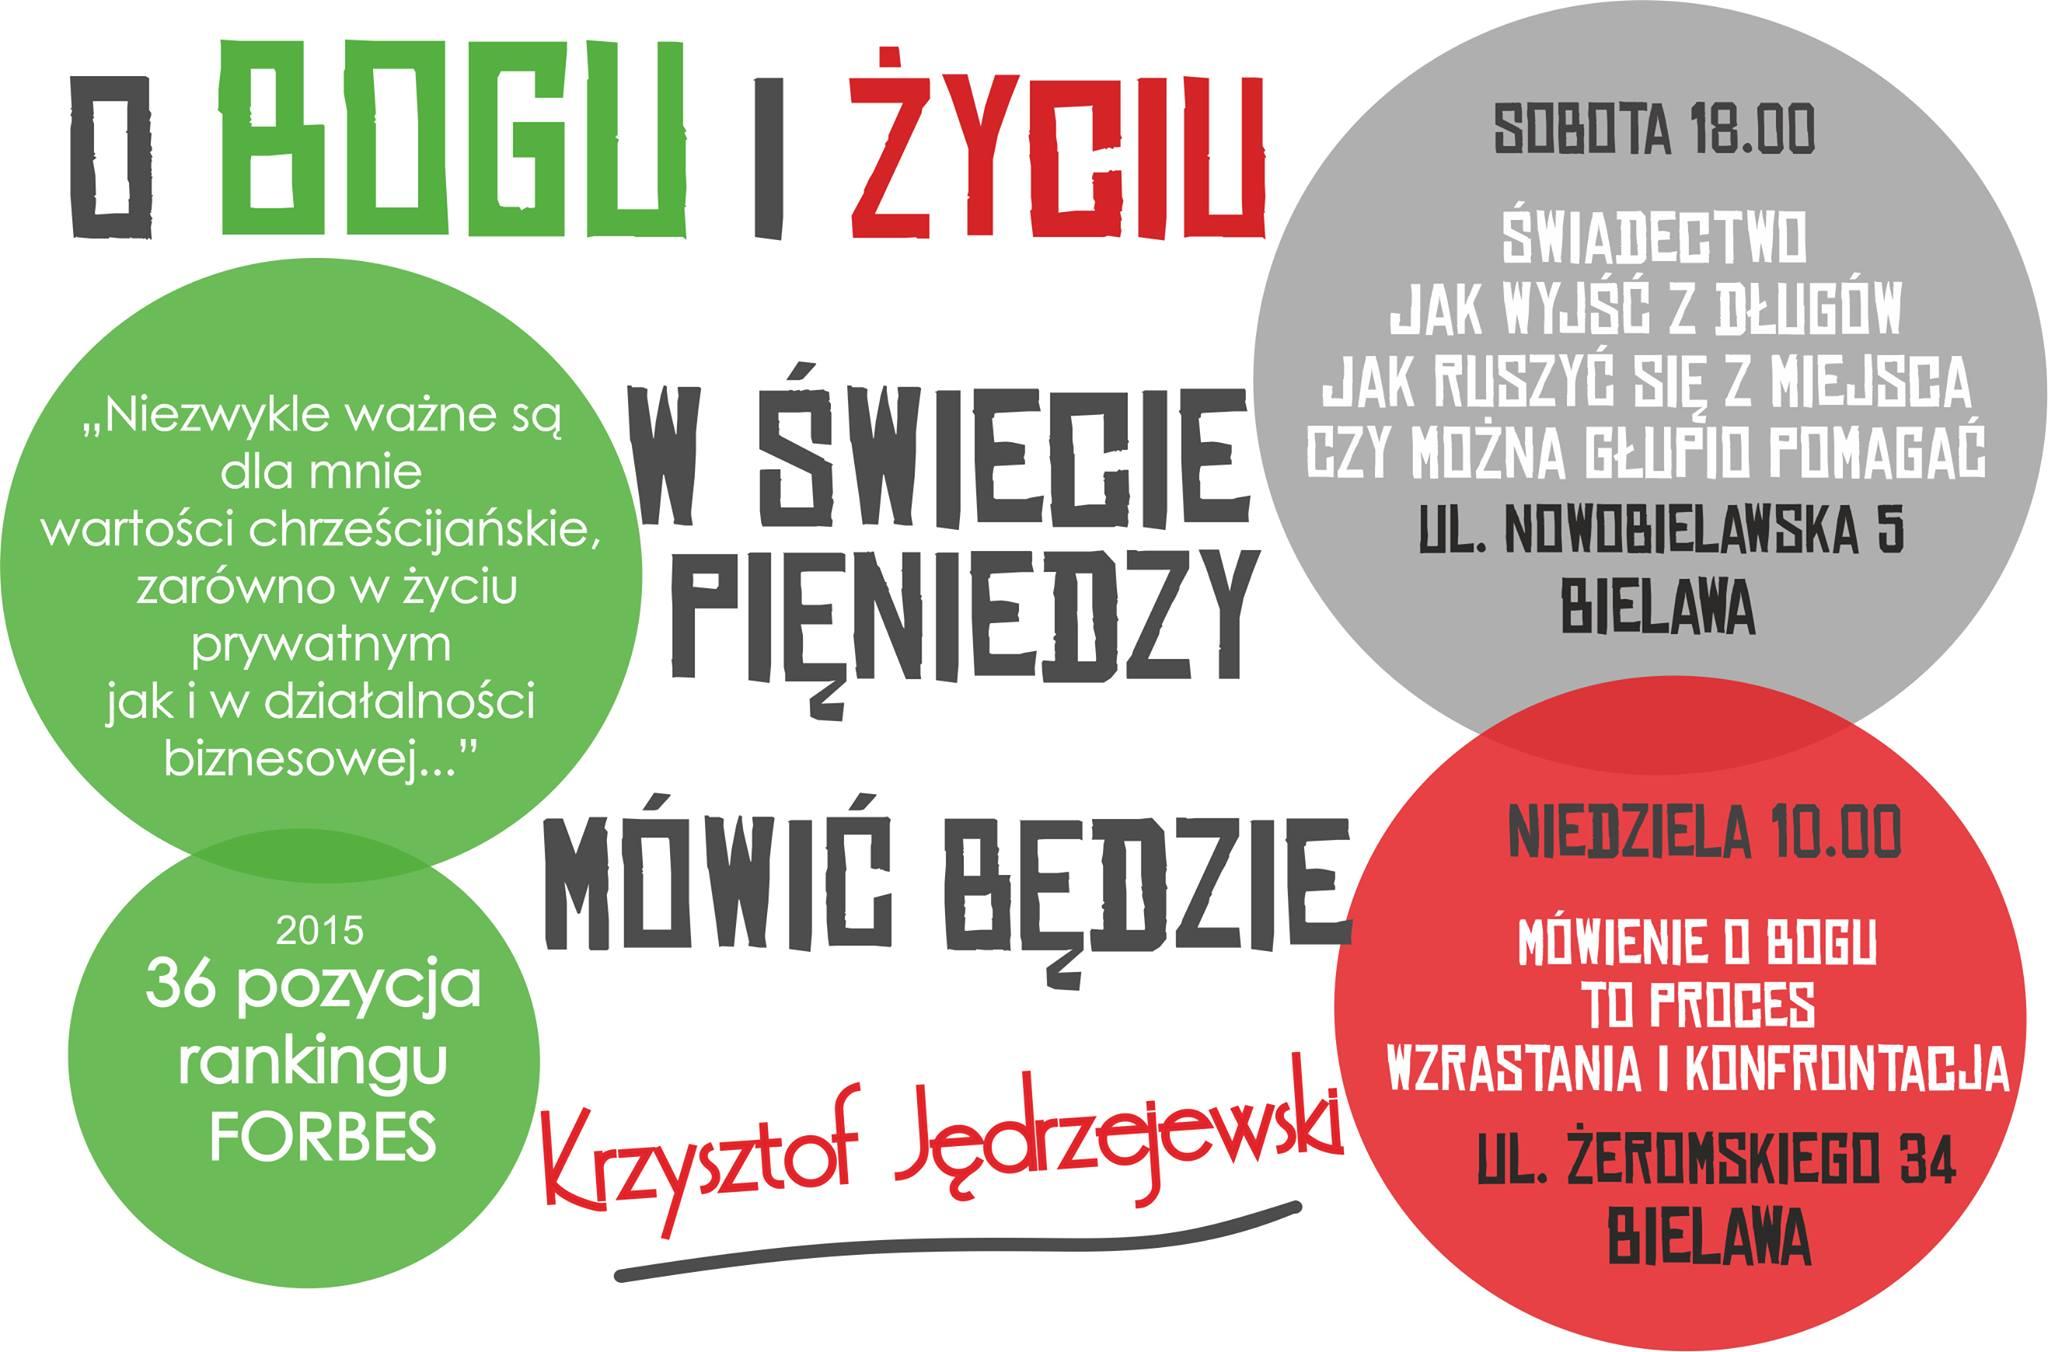 Spotkanie z Krzysztofem Jędrzejewskim